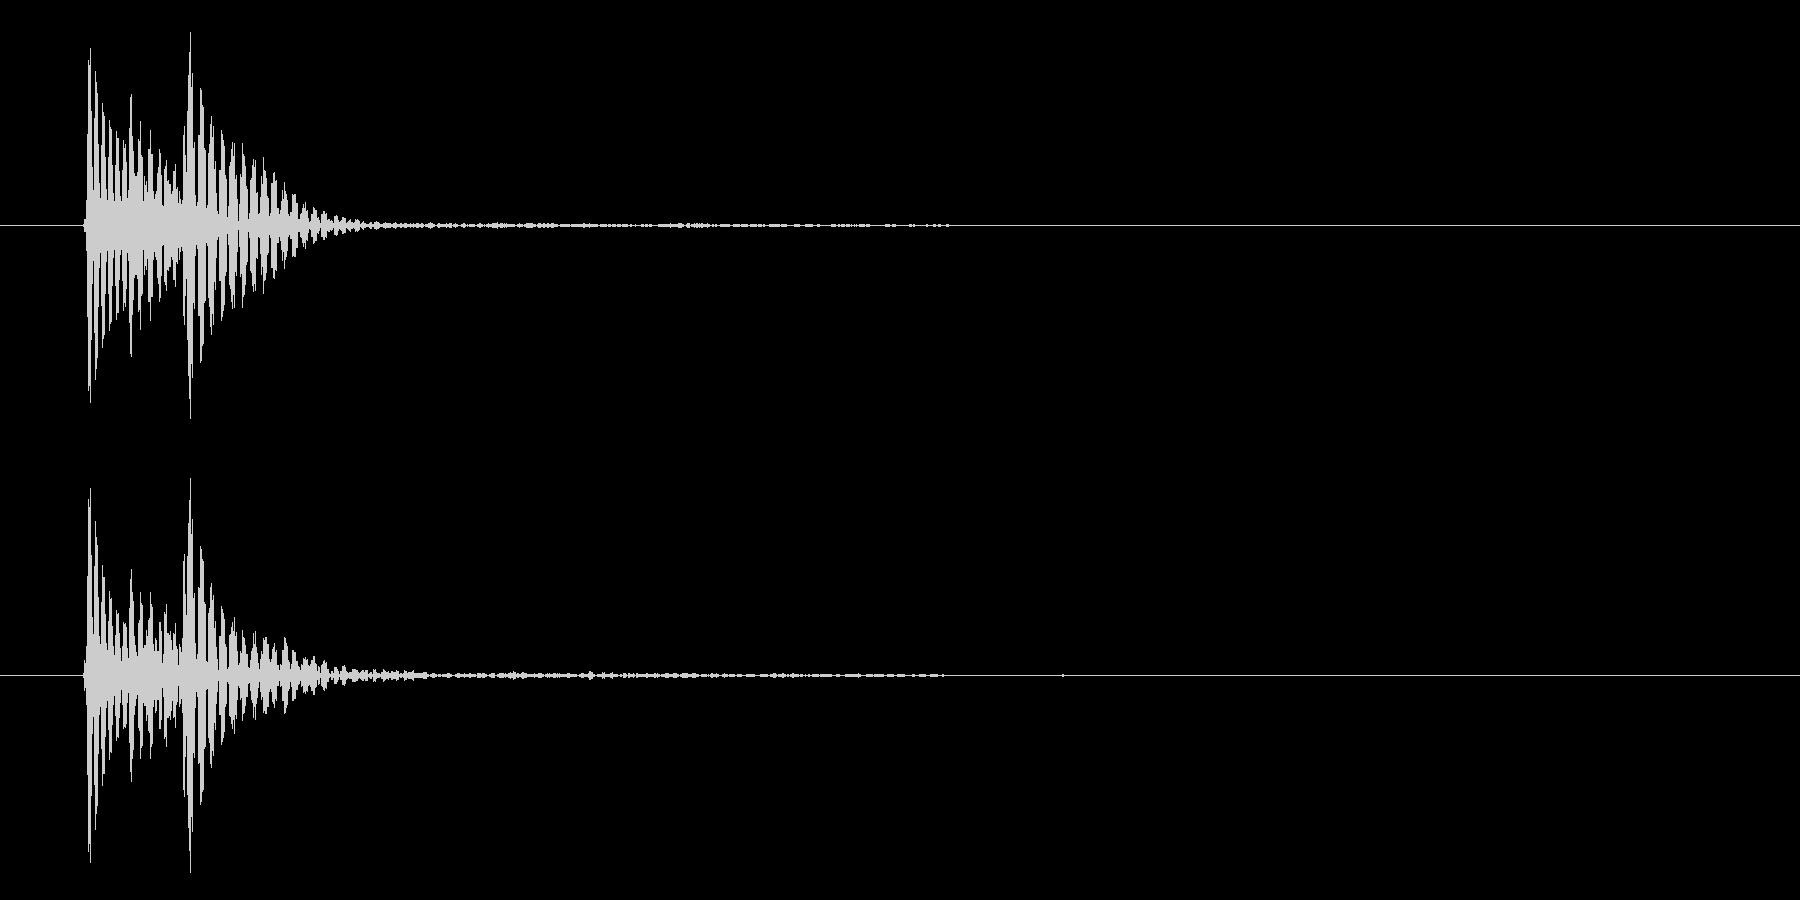 キャンセル(シンプル・決定・システム音)の未再生の波形